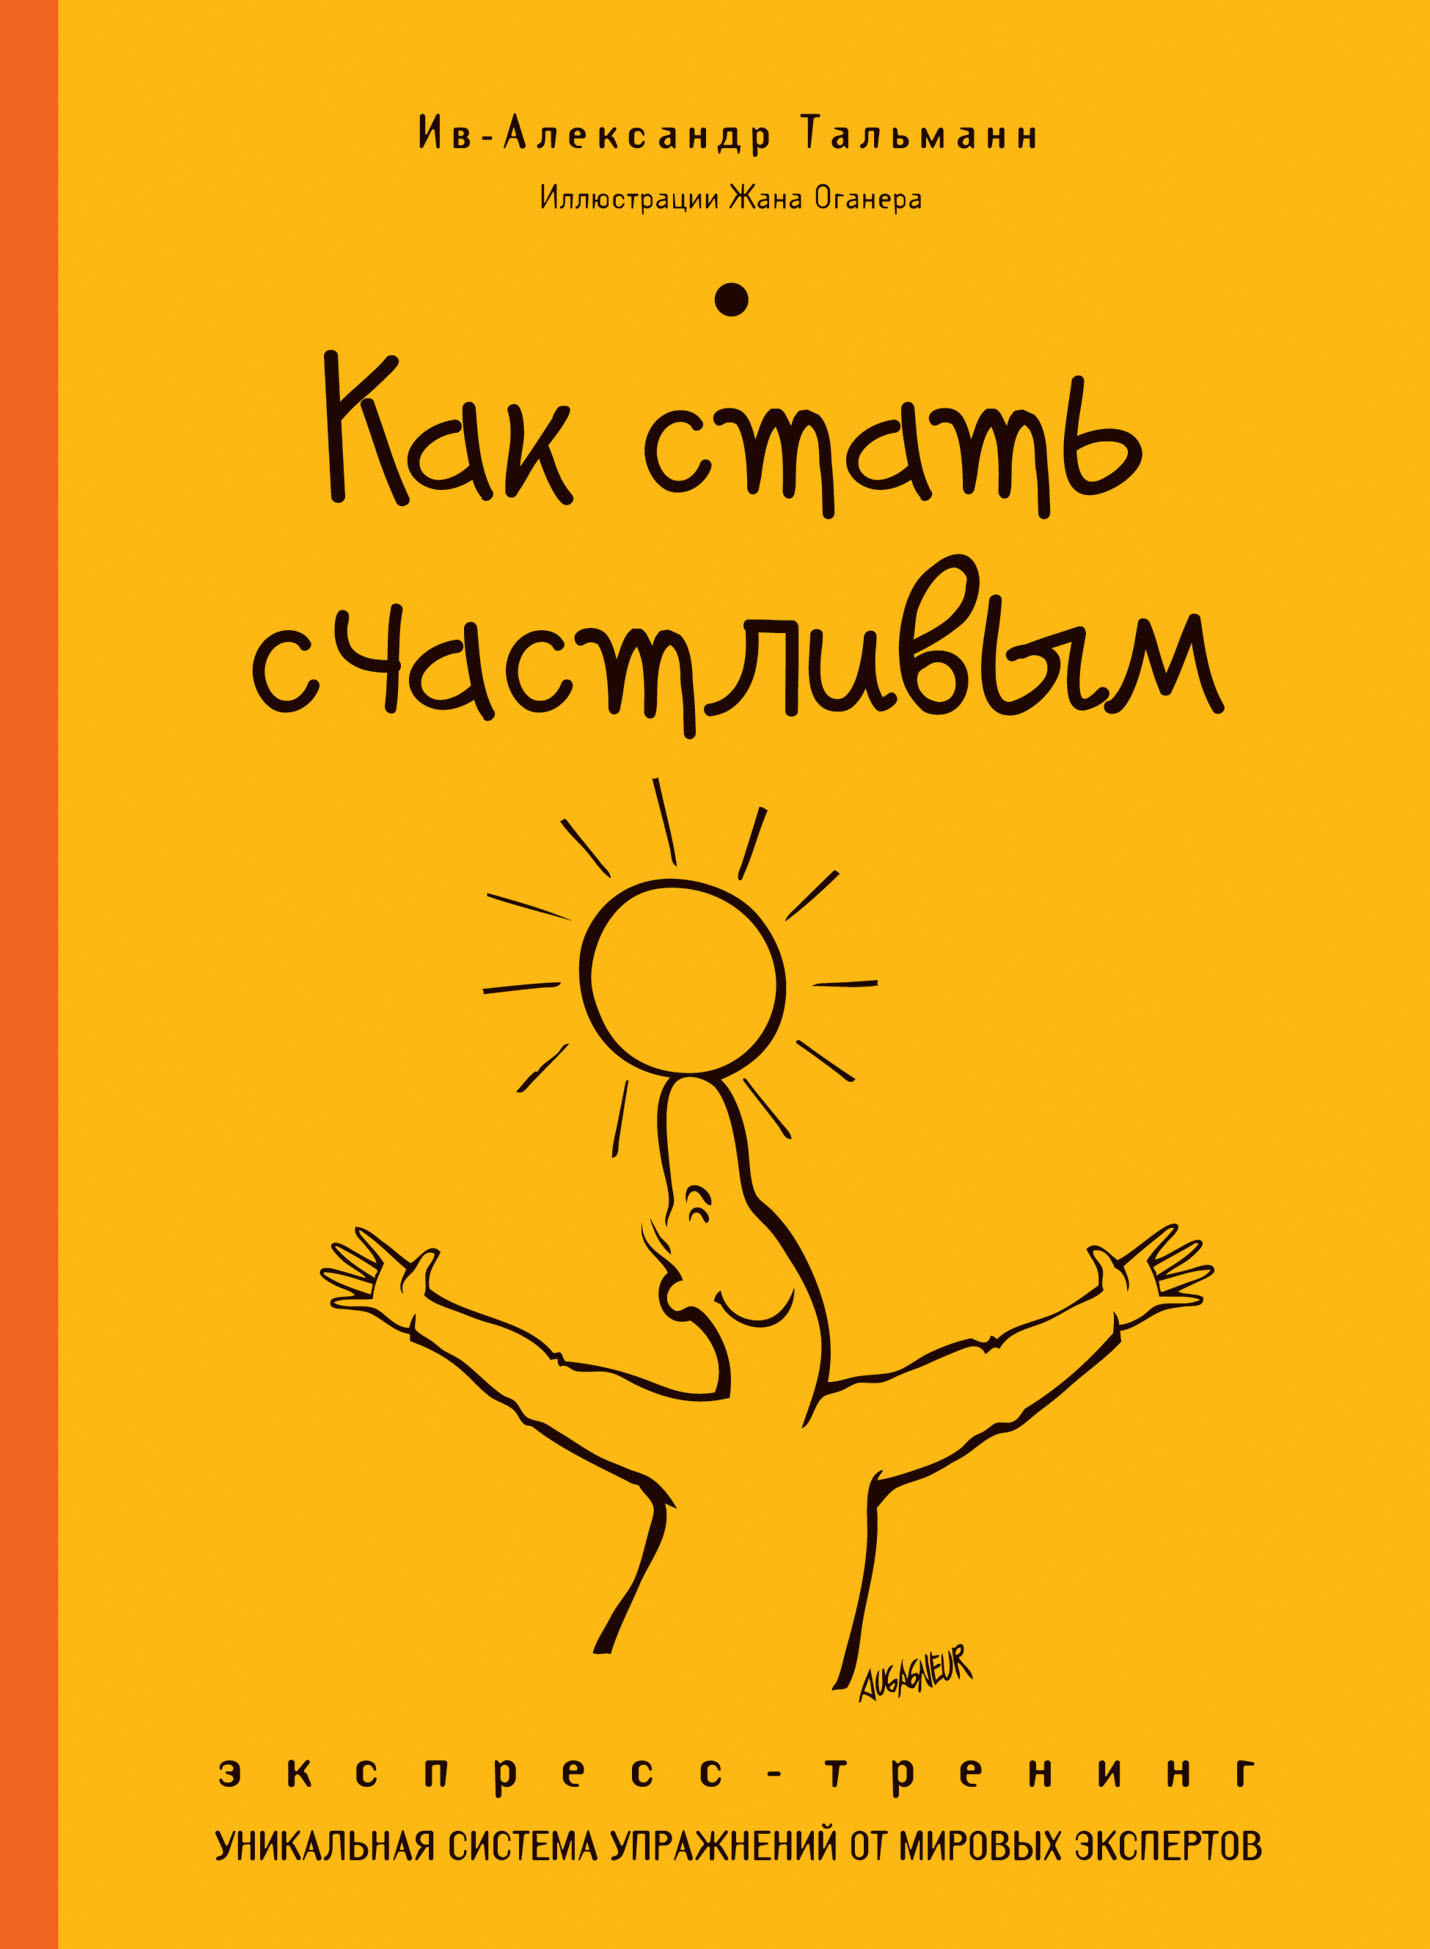 купить Ив-Александр Тальманн Как стать счастливым. Экспресс-тренинг по цене 99.9 рублей